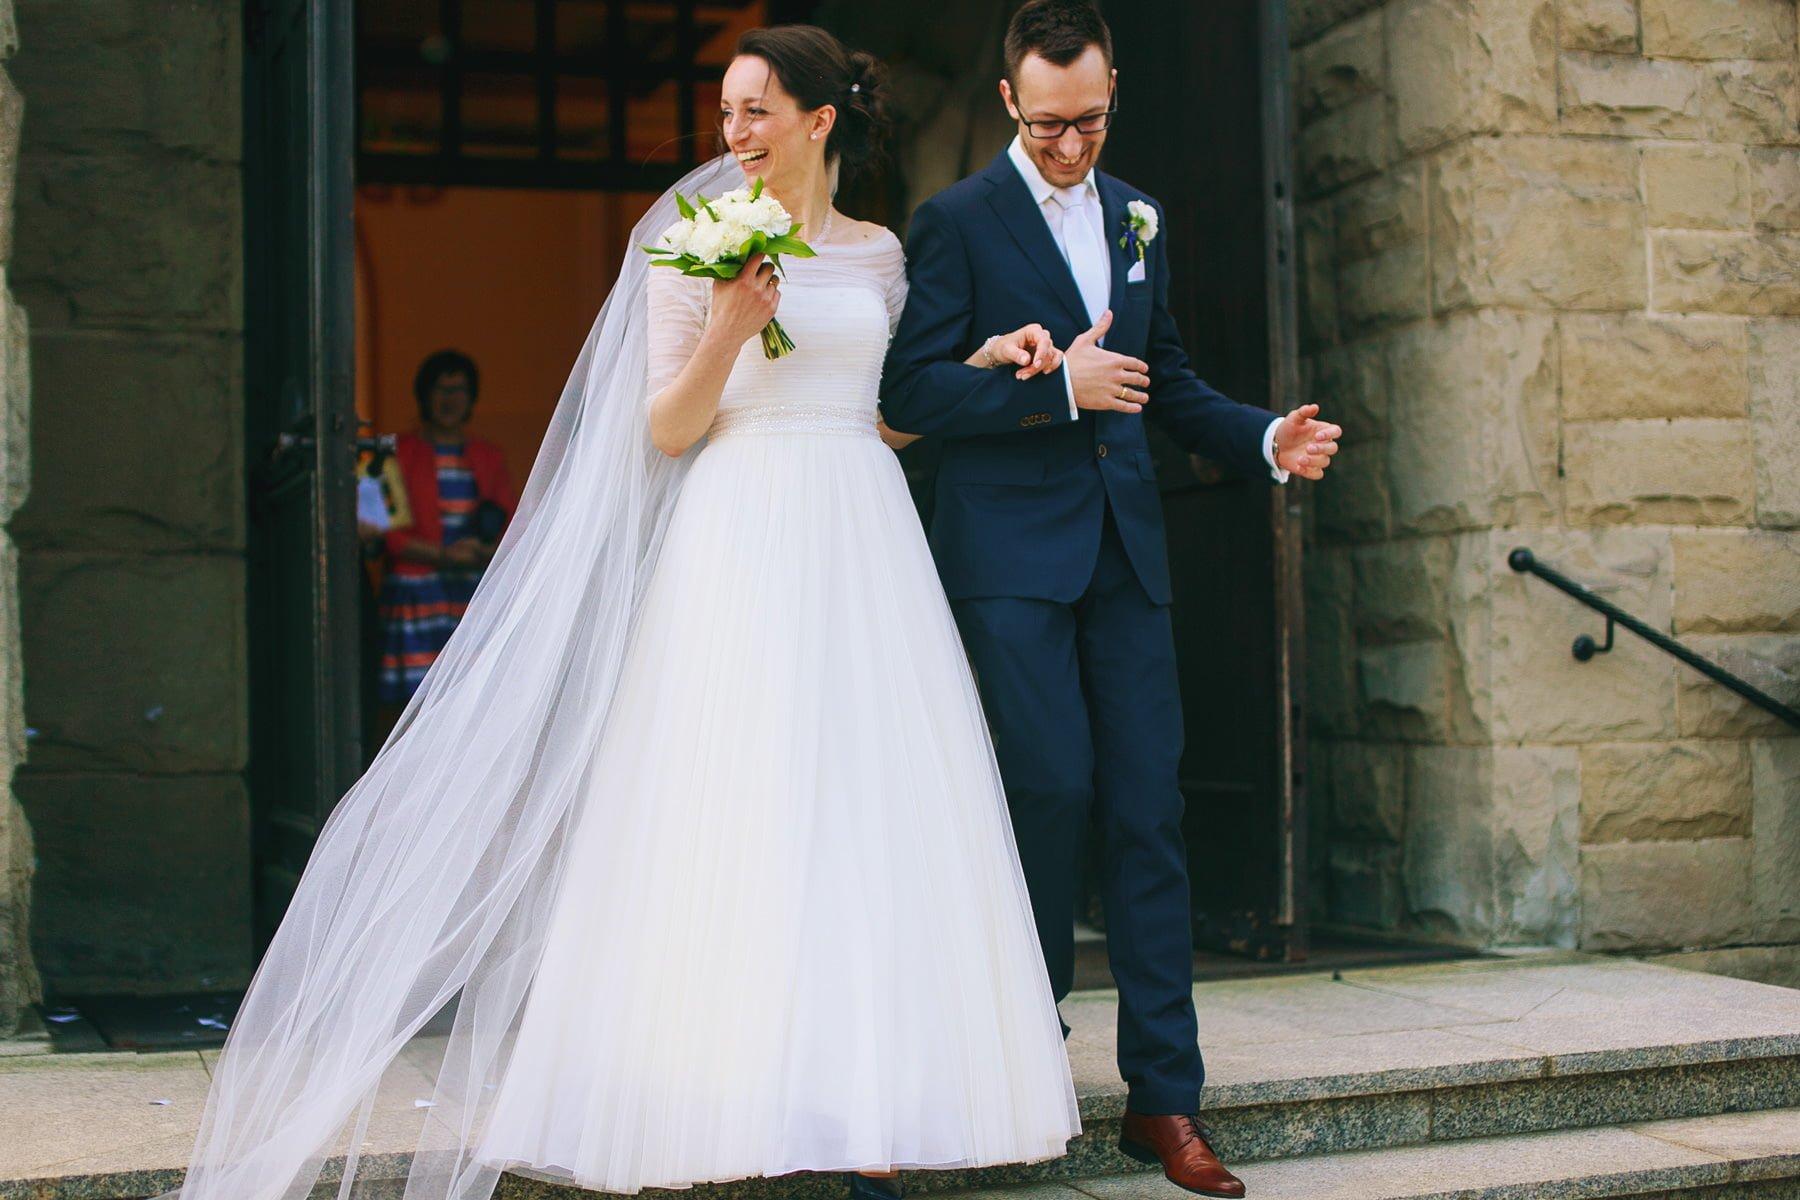 fotograf slub bielsko biala ania maciej 83 - Ślub w Bielsku-Białej - ANIA & MACIEJ